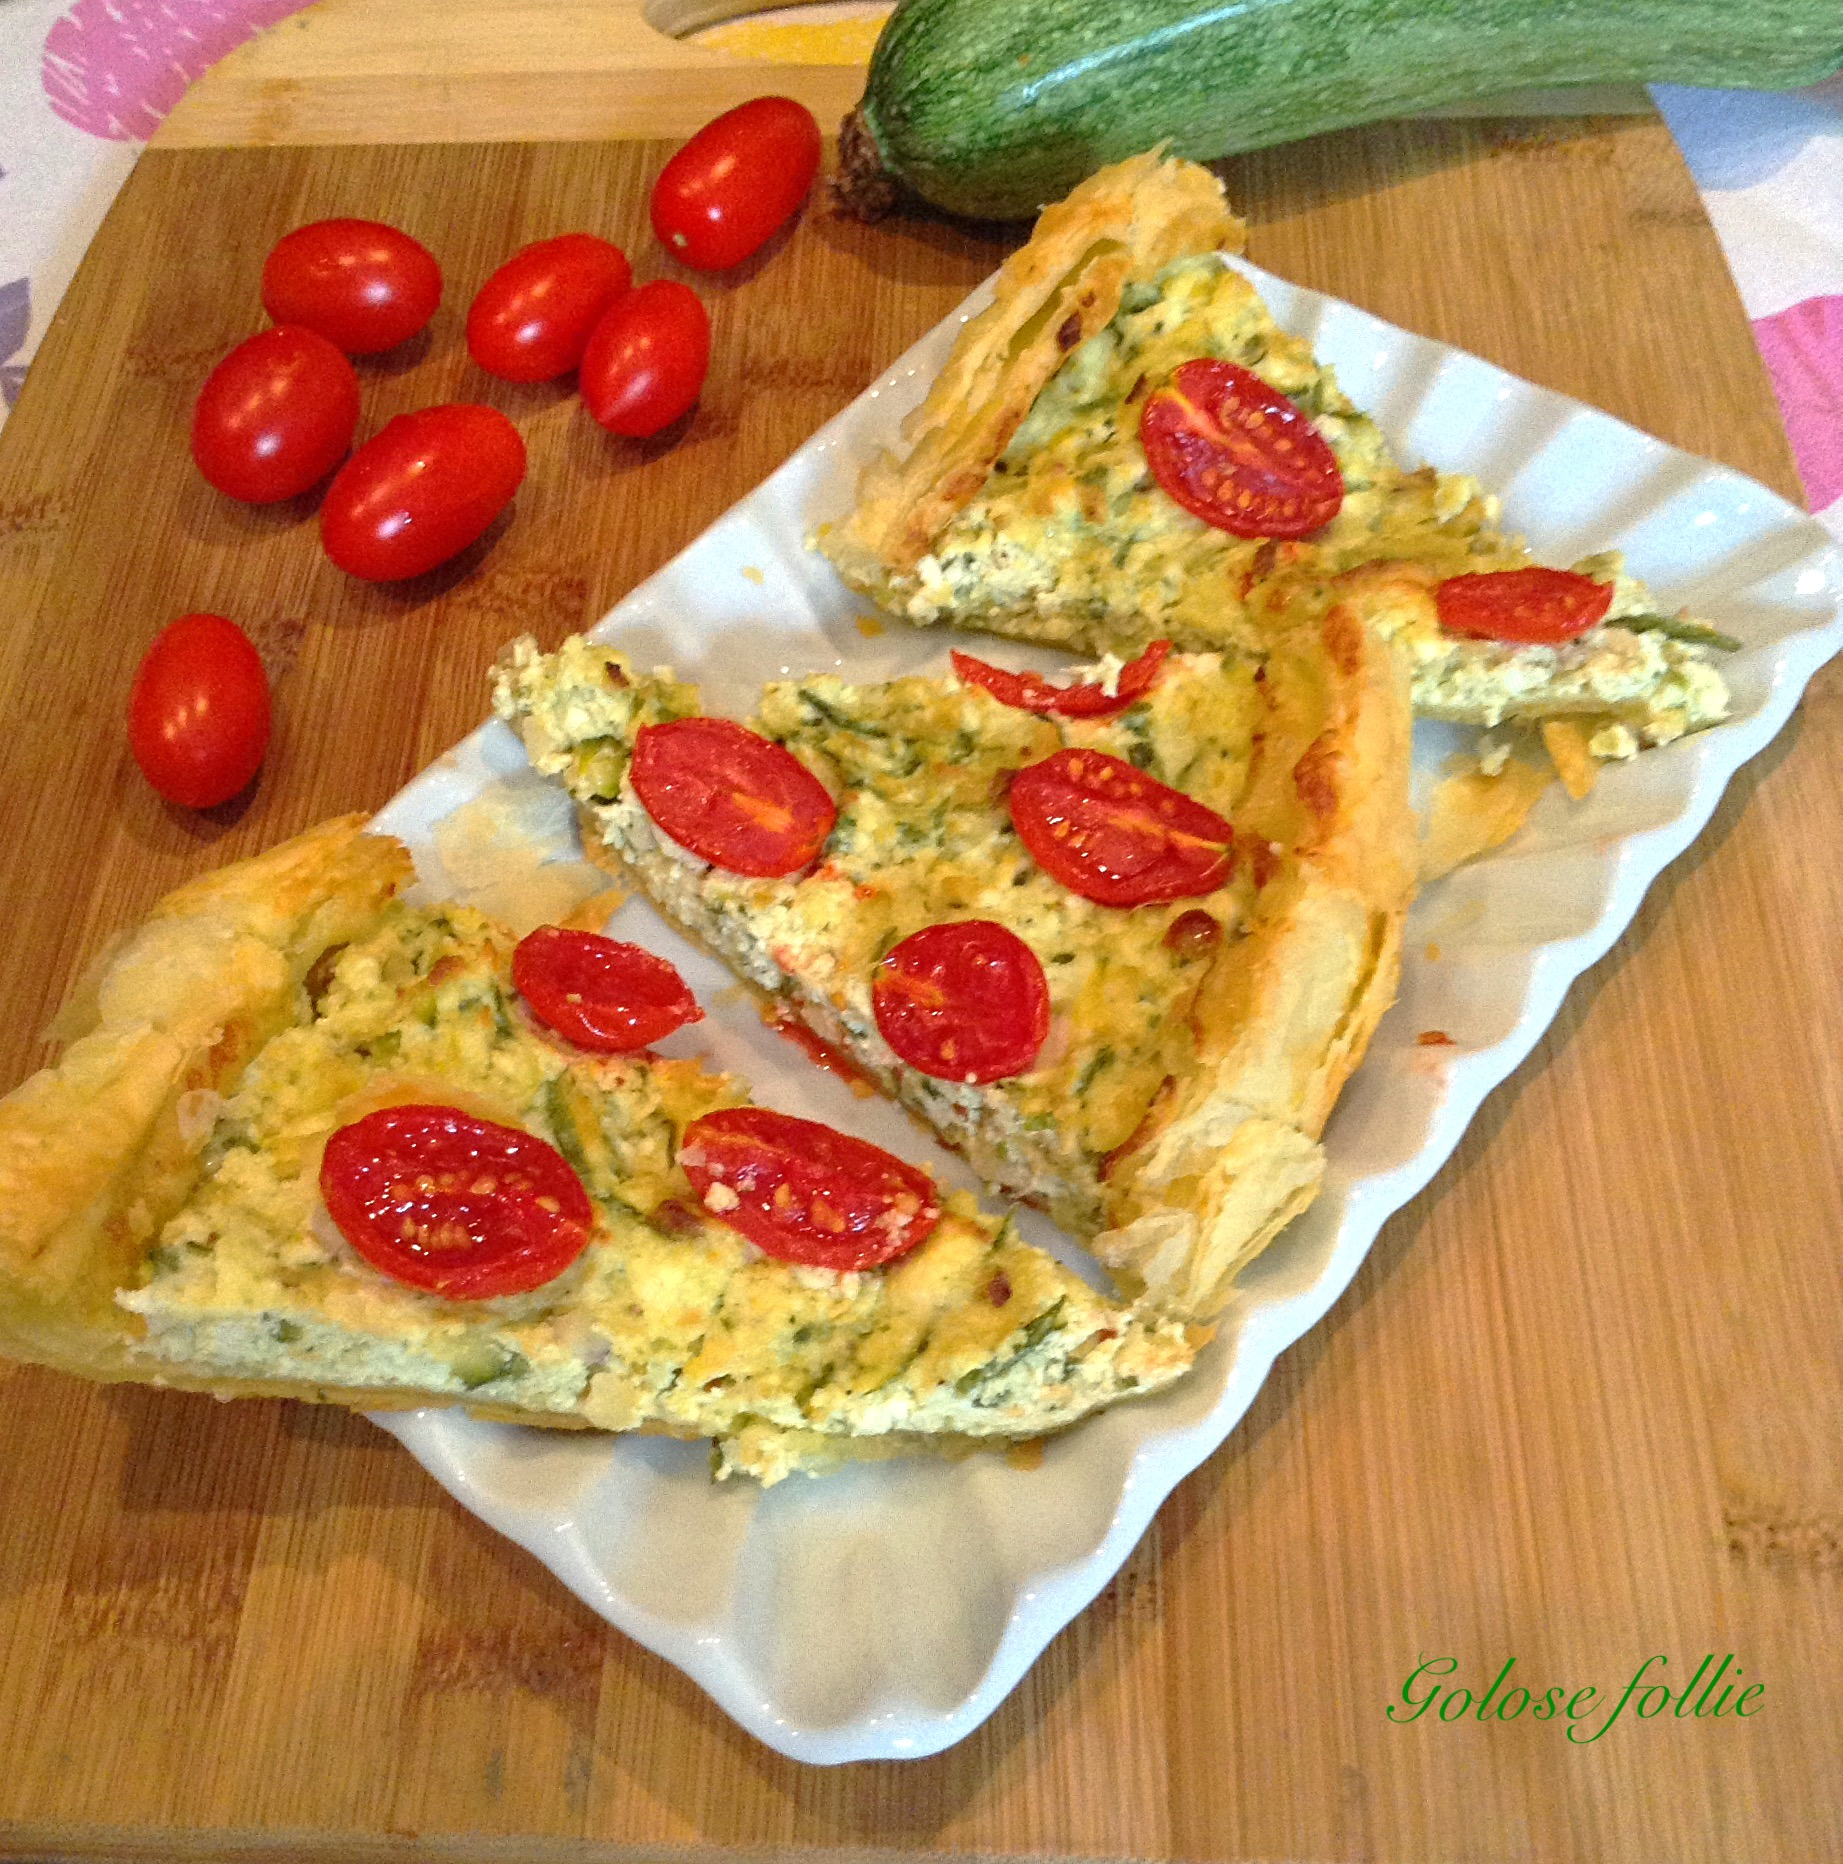 Rustico salato al pesto di zucchine con pomodorini